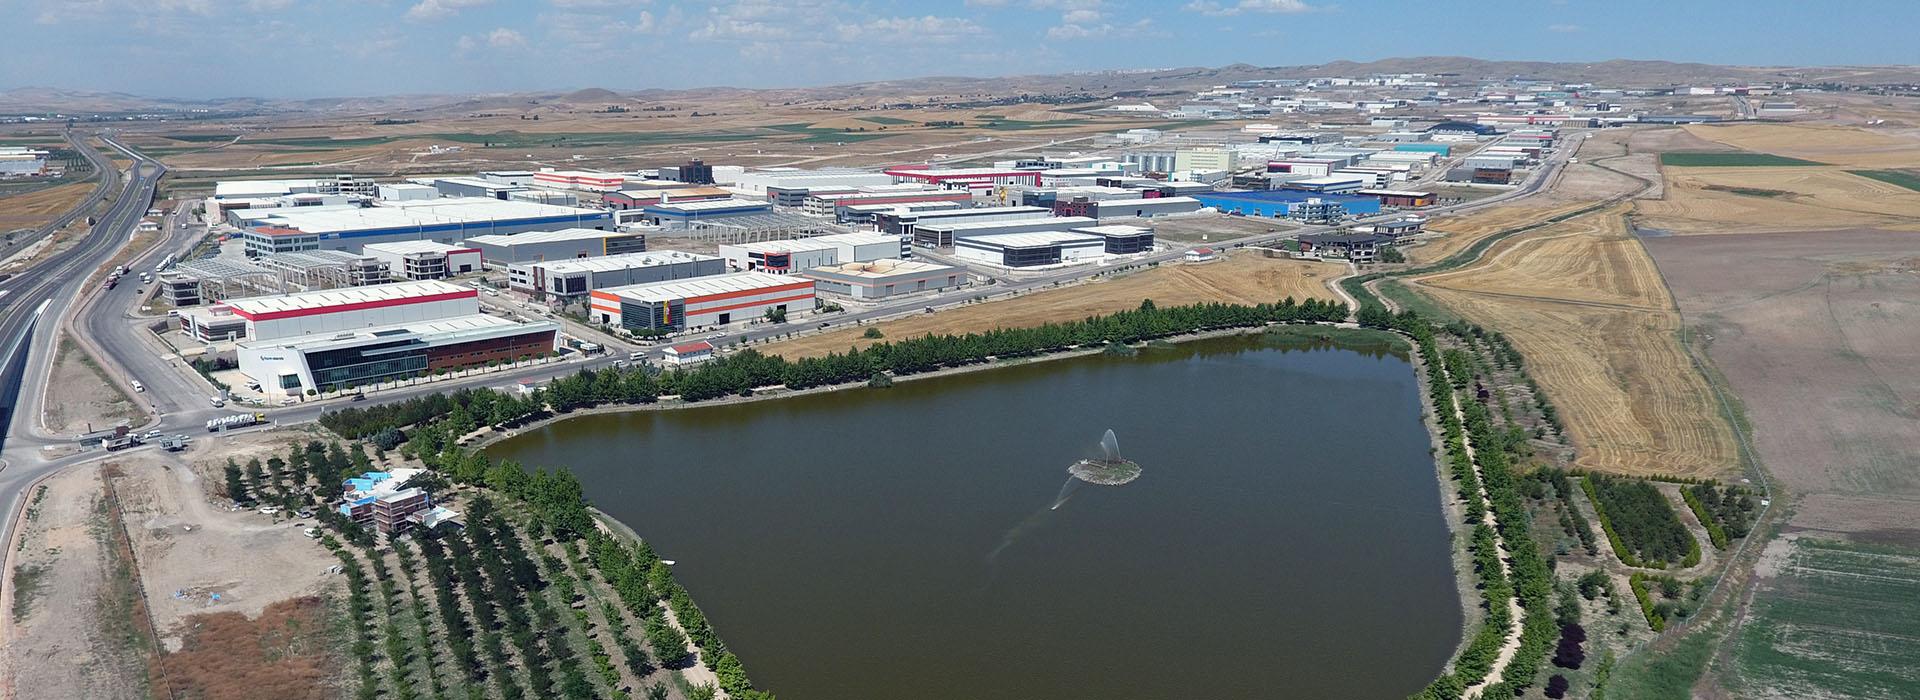 Anadolu Organize Sanayi Bölgesi 2019